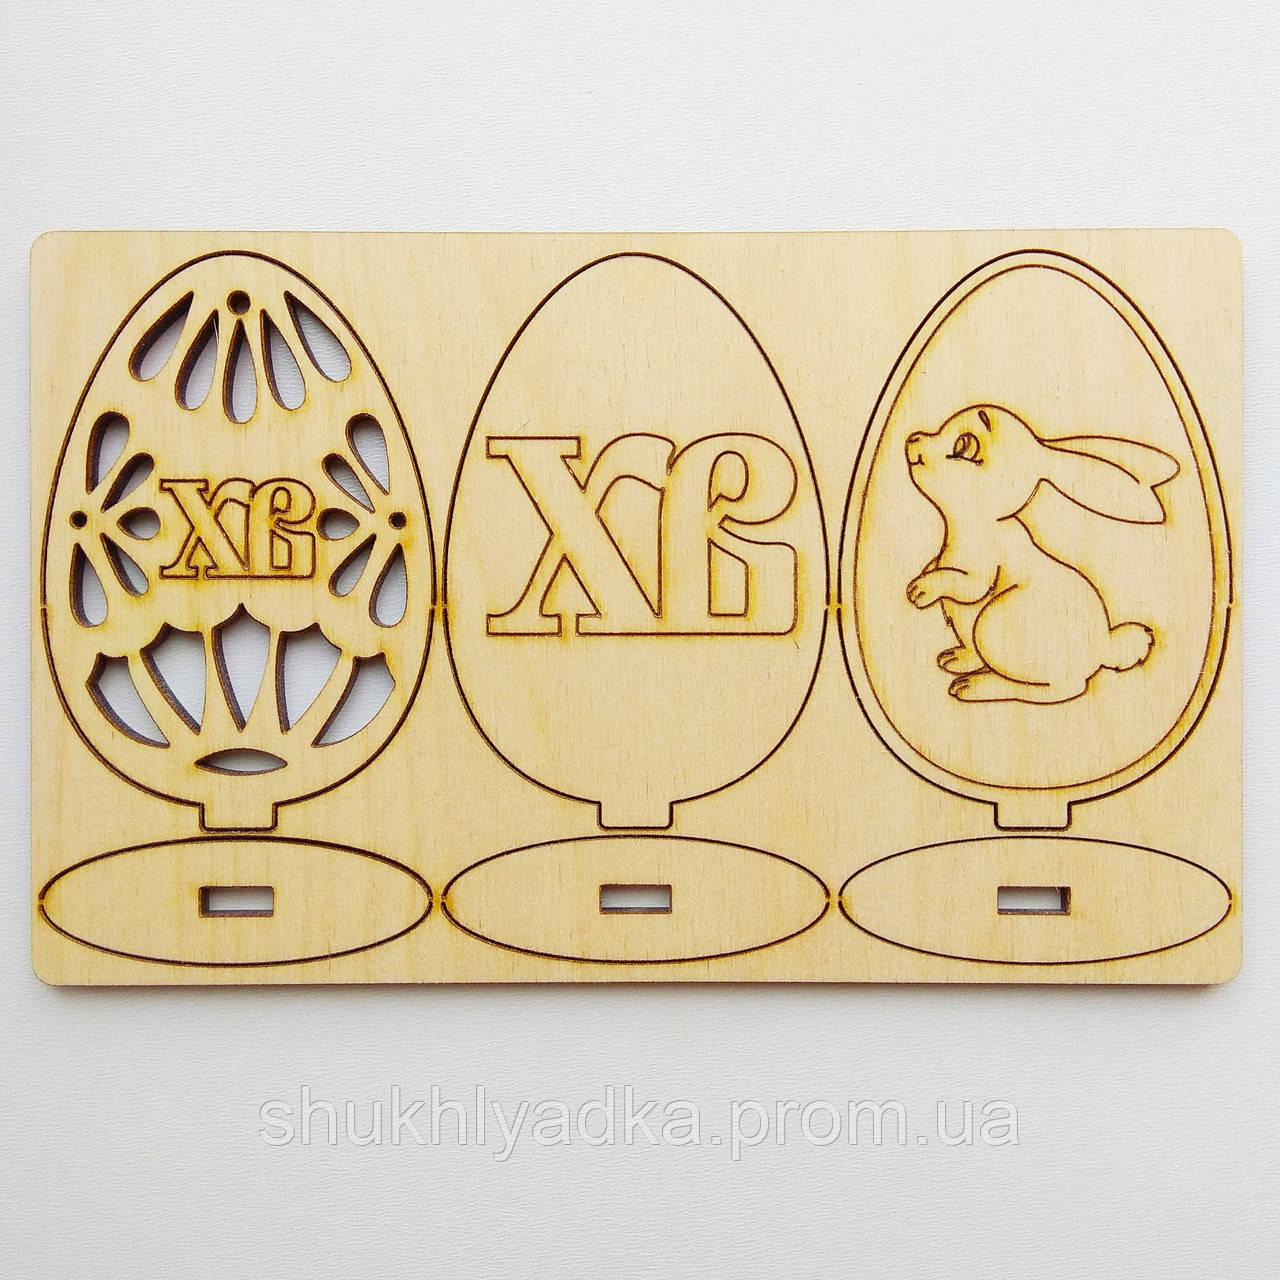 Набір пасхальний 3 Яйця _ХВ та зайченя_фанера_4мм